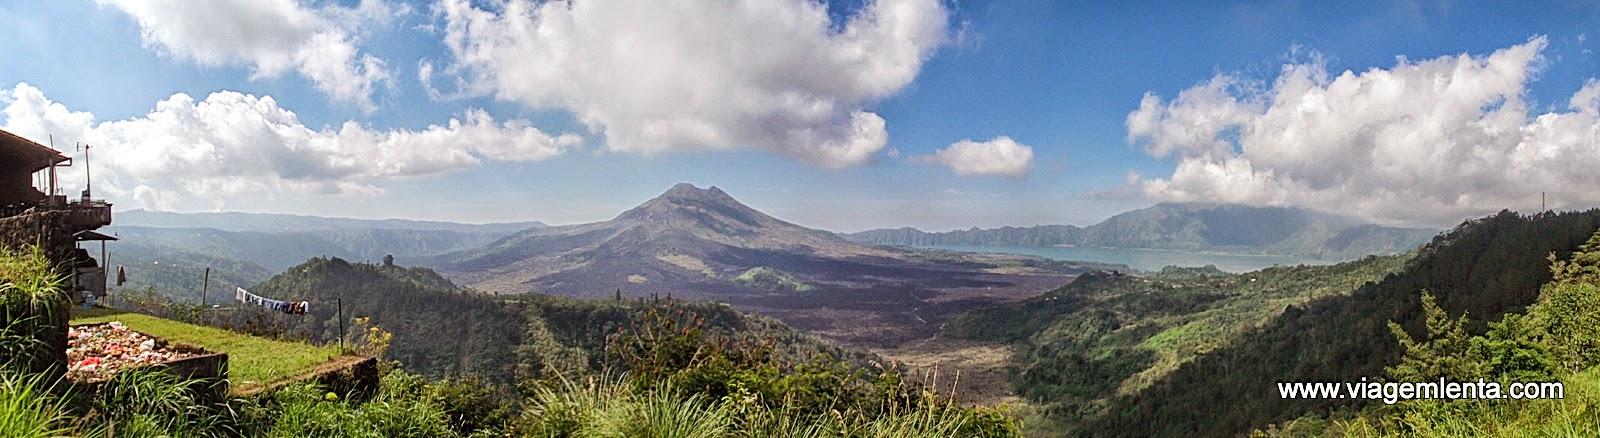 Paisagem na região do vulcão Catur com o lago no fundo